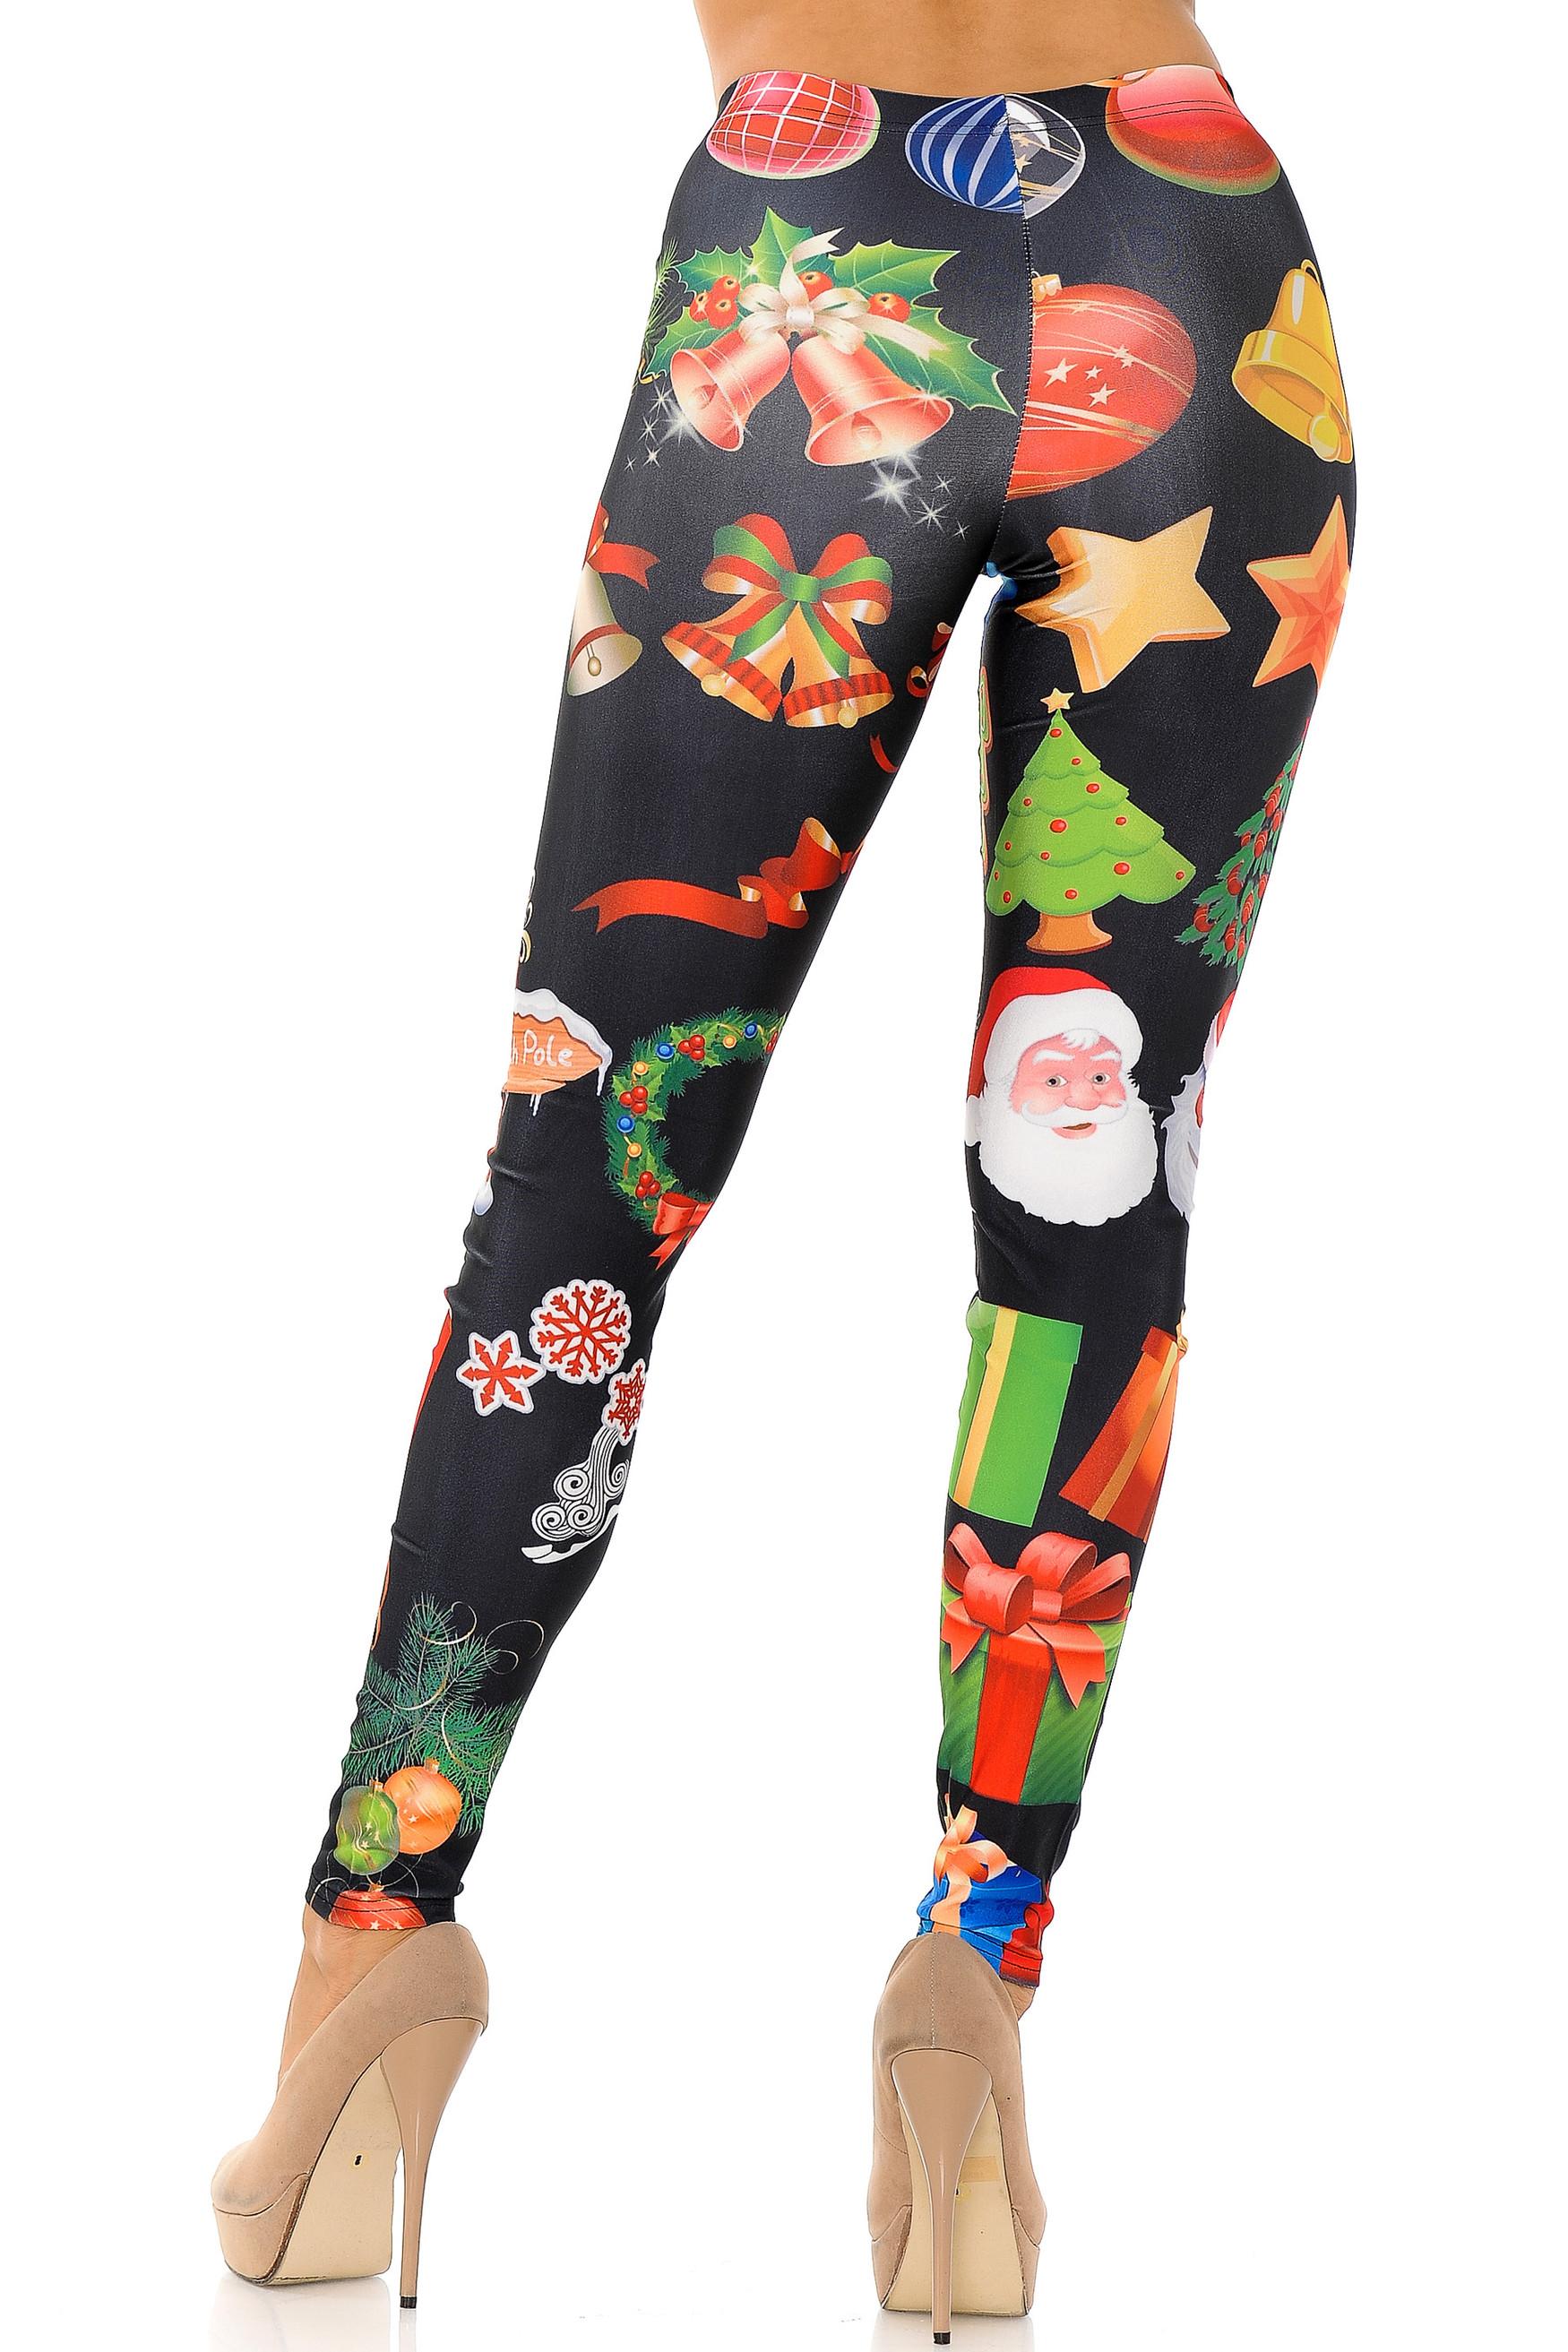 The Spirit of Christmas Leggings